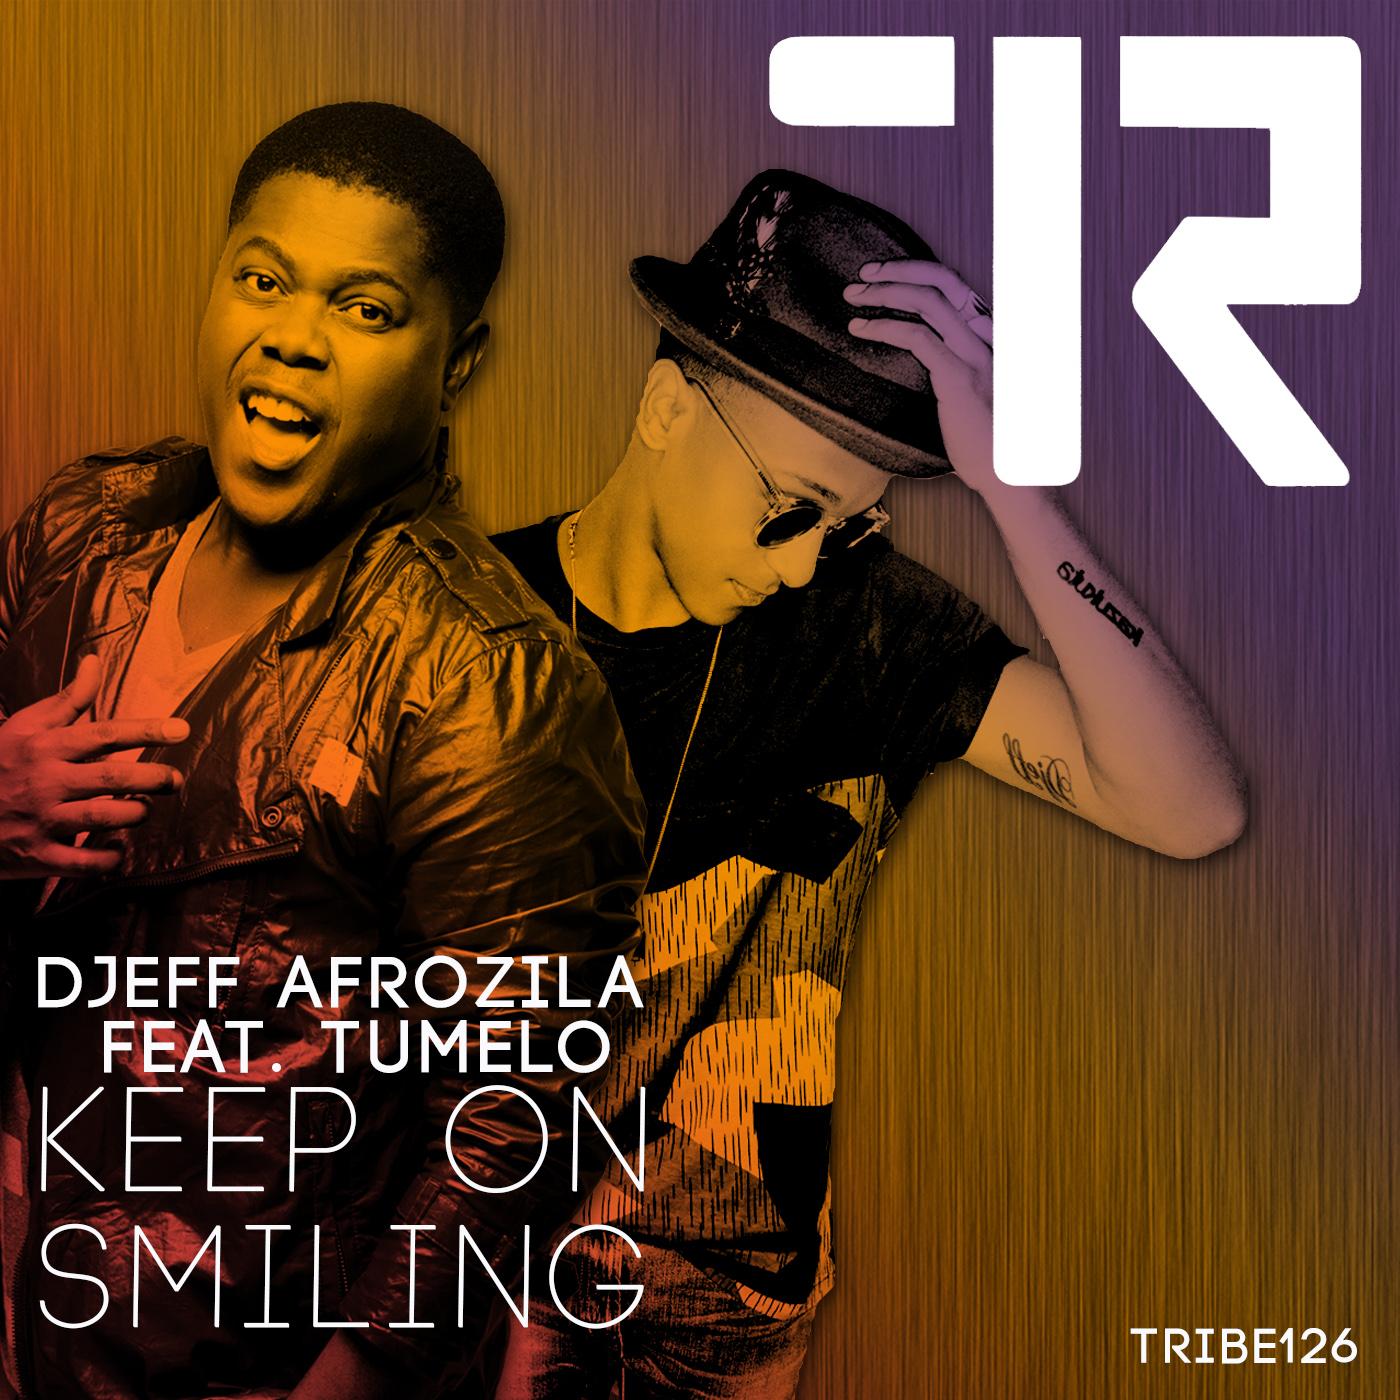 KEEP ON SMILING DJEFF AFROZILA FT TUMELO